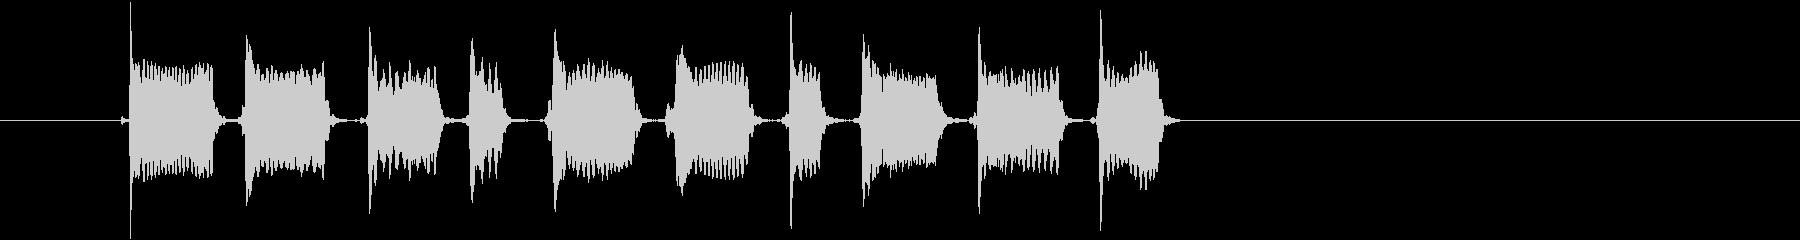 サンバホイッスルの音の未再生の波形